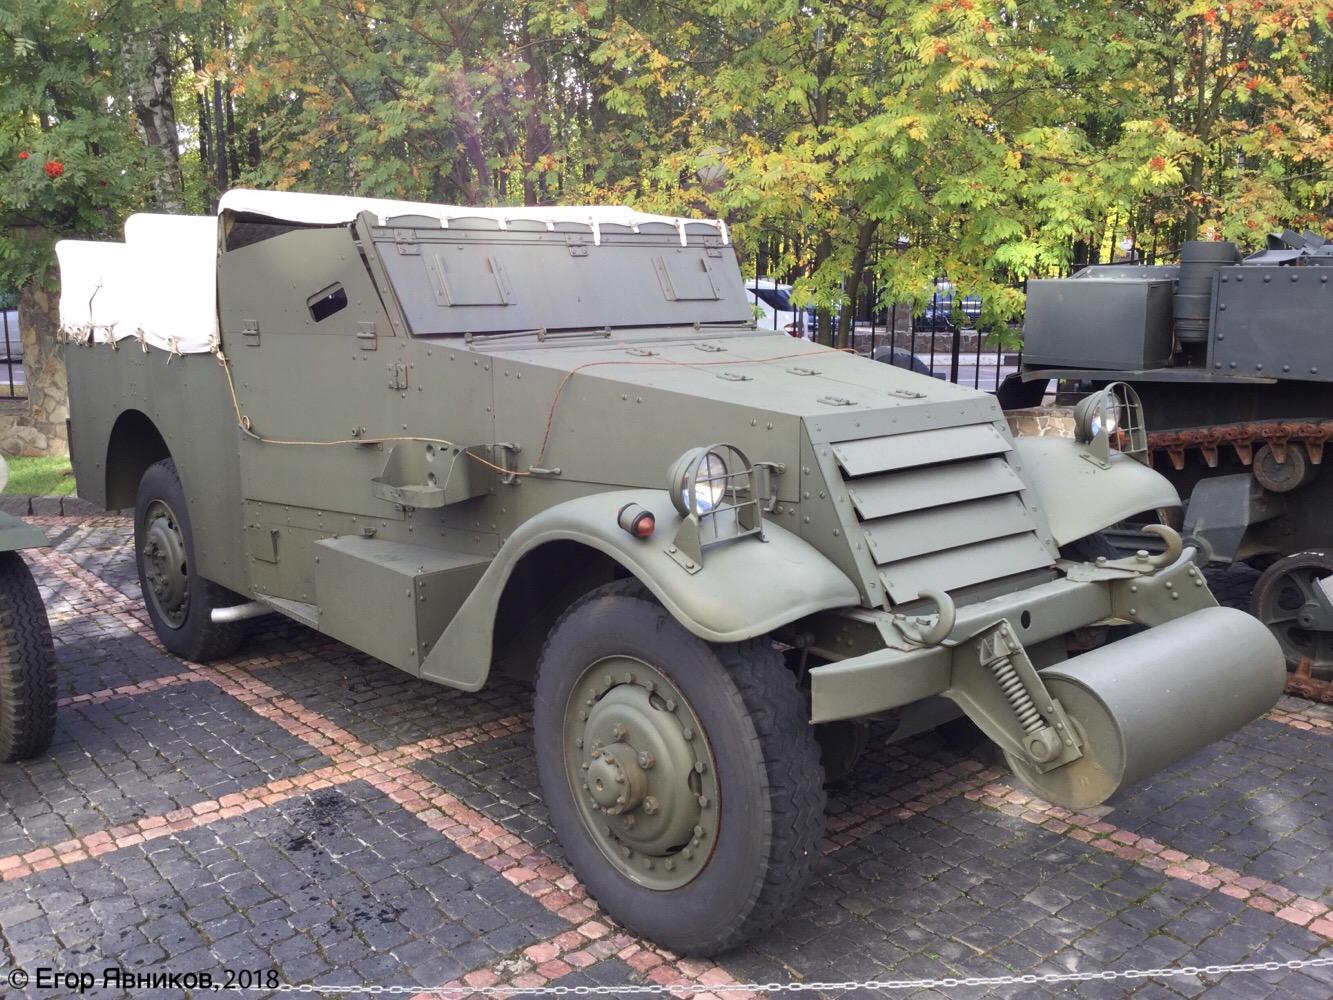 Лёгкий бронетранспортер M3A1 Scout Car. Московская область, Ильинское шоссе 4-ый км (Музей техники Вадима Задорожного)